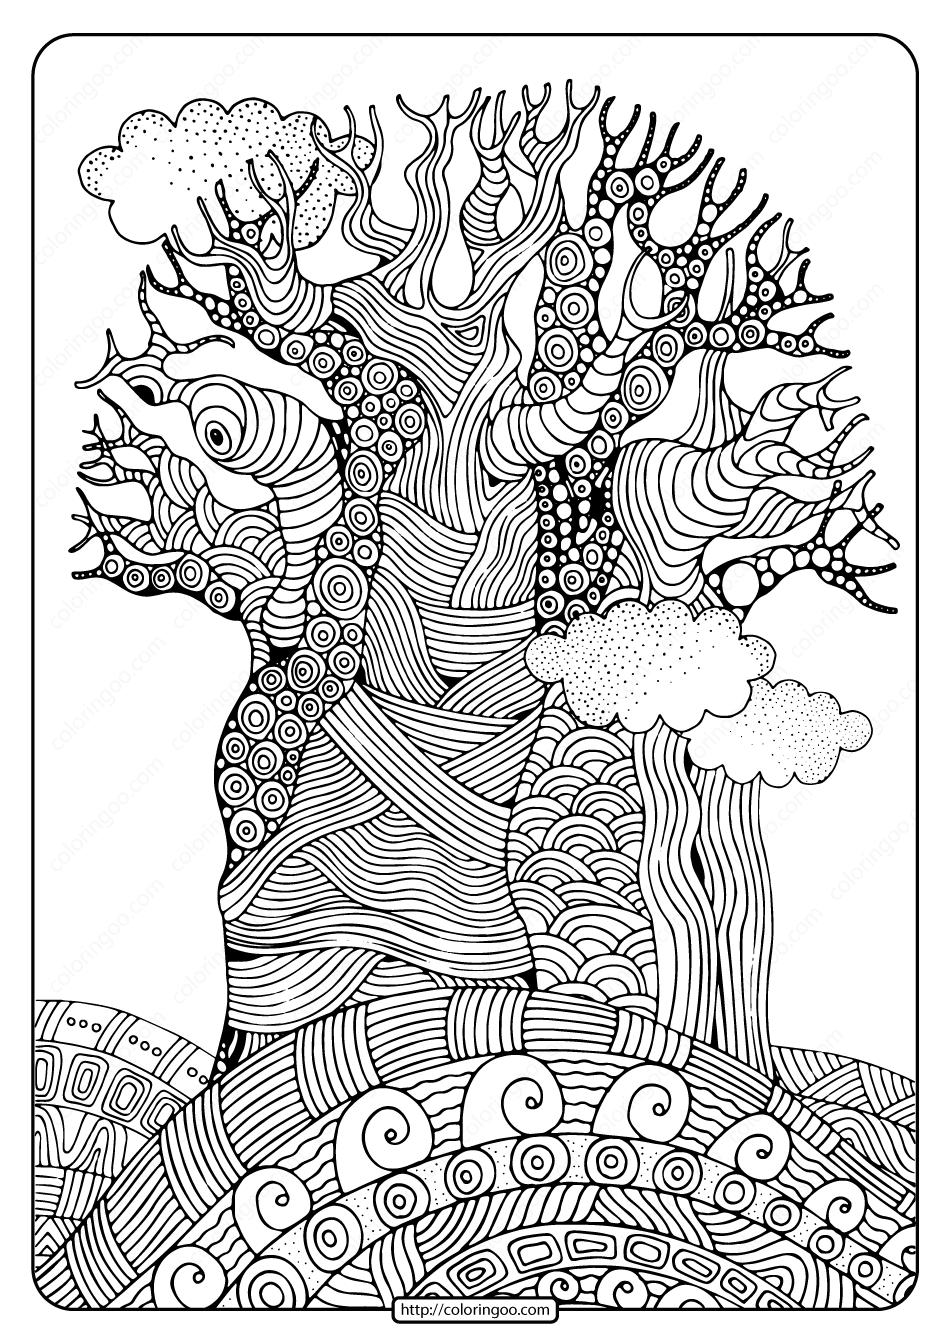 Free Printable Imposing Baobab Tree Coloring Page